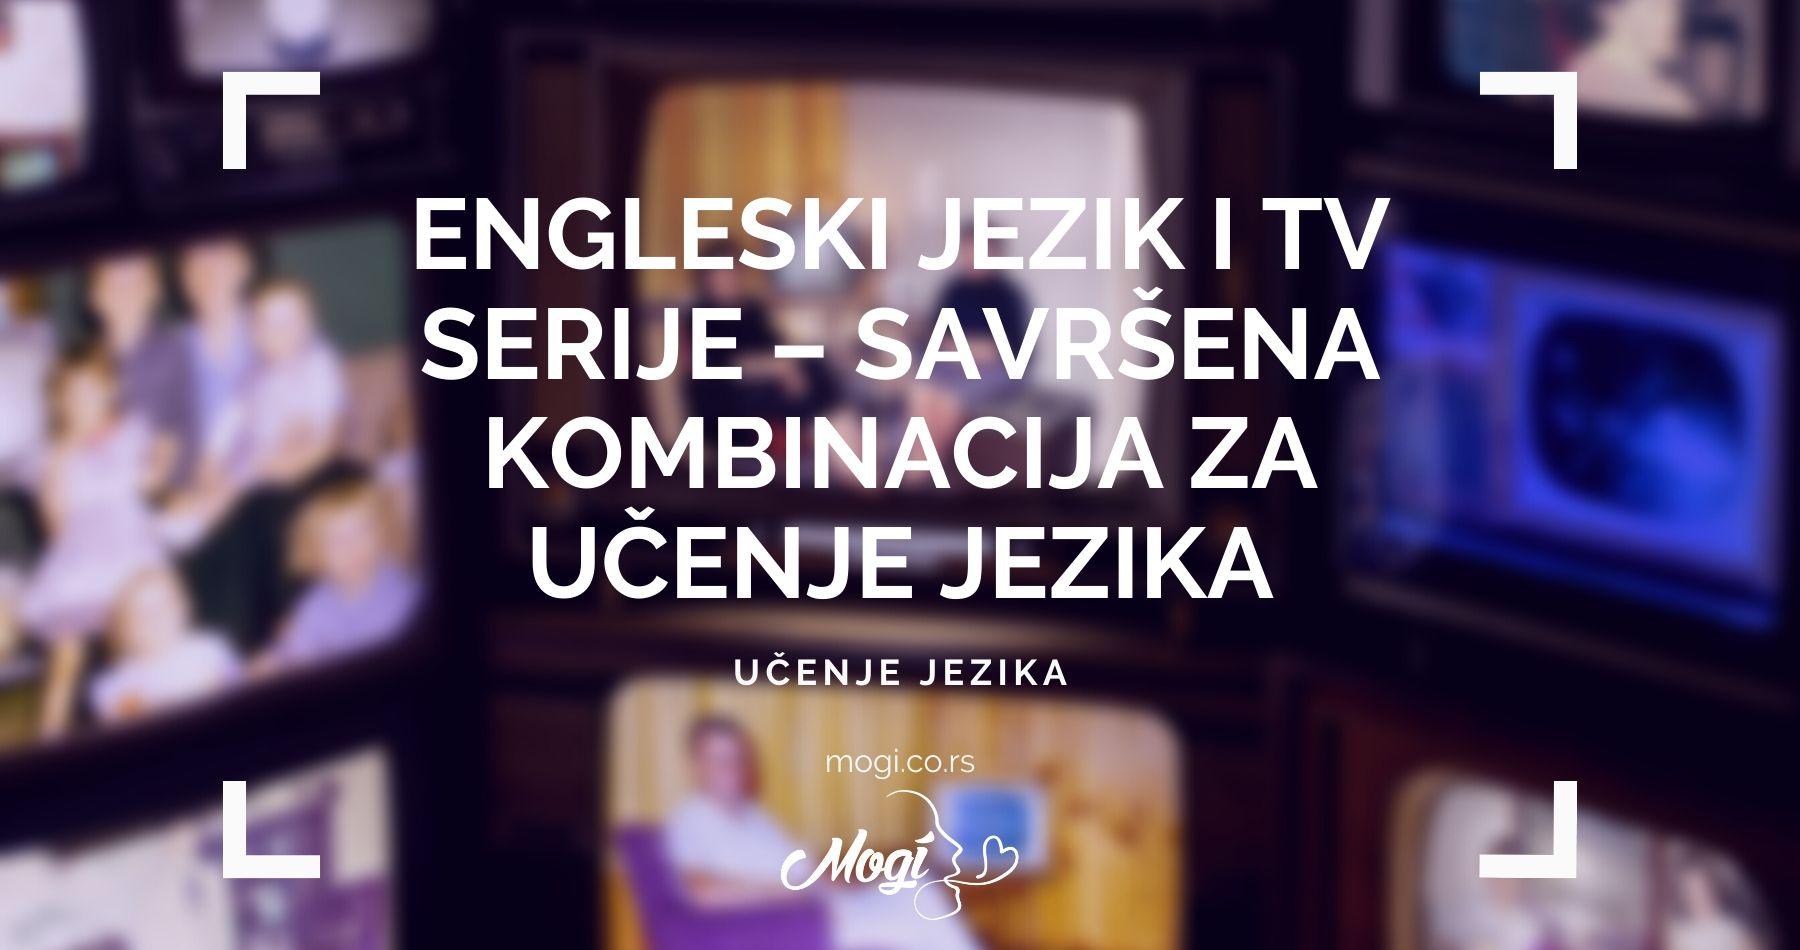 Engleski jezik i TV serije, savršena kombinacija za učenje jezika